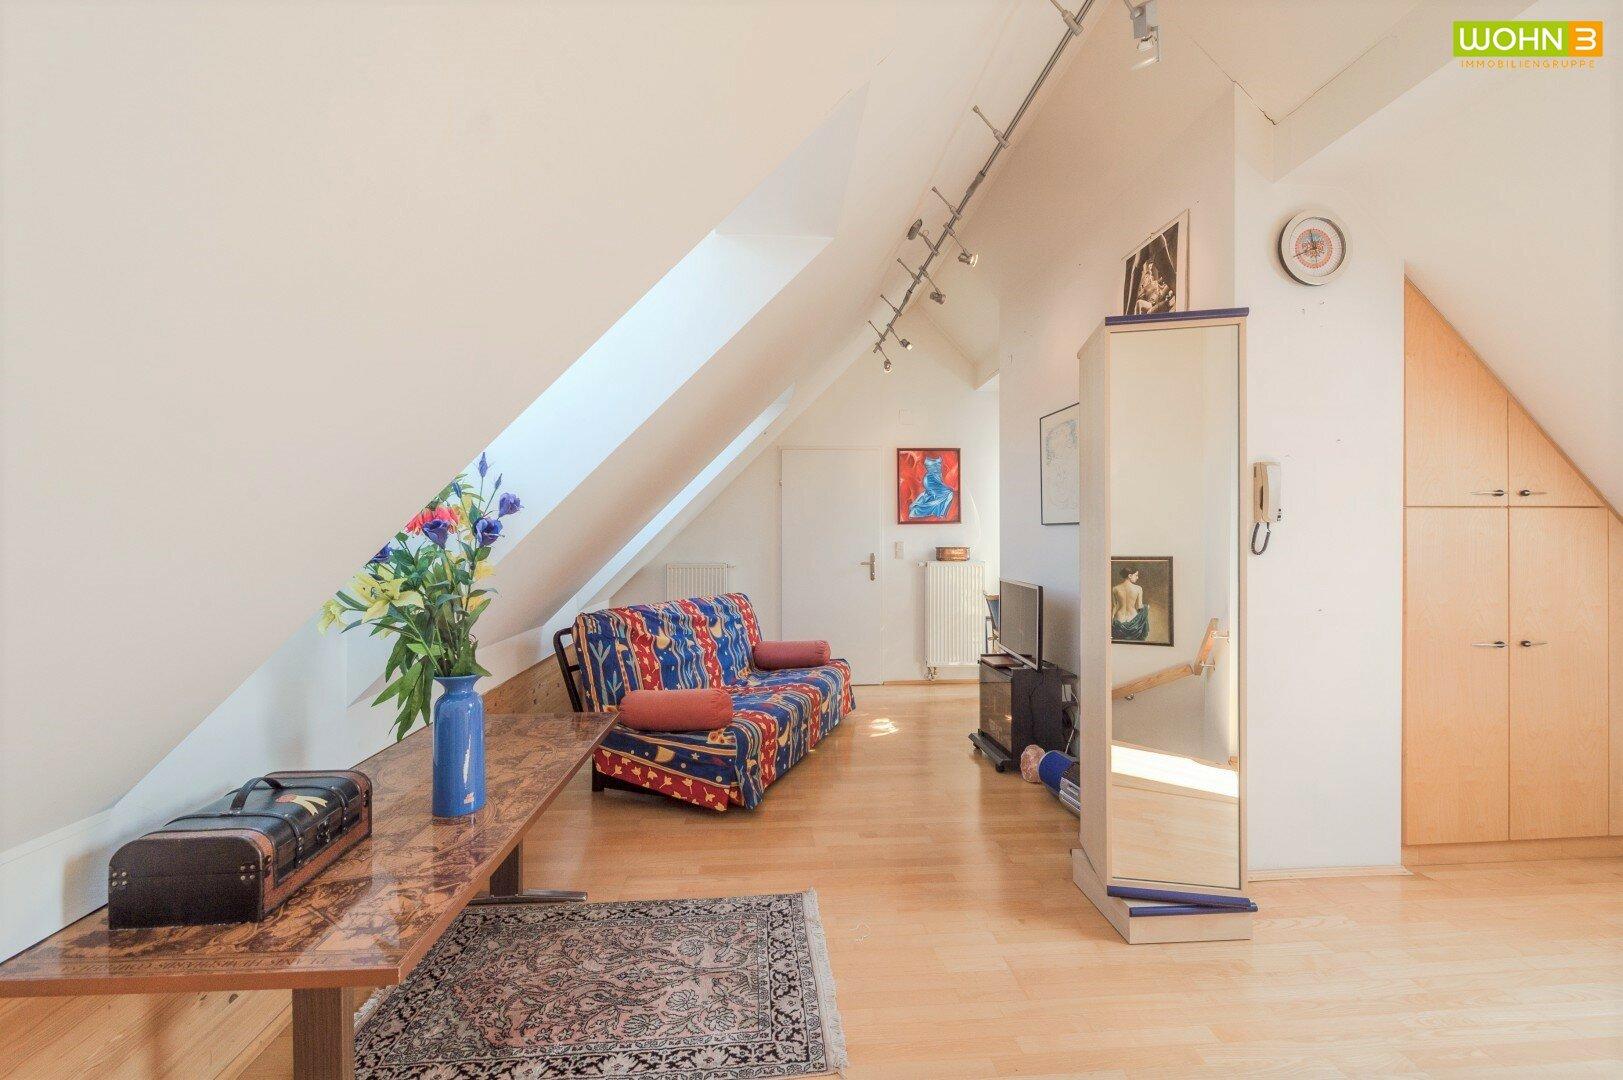 Galerie - Wohnbereich